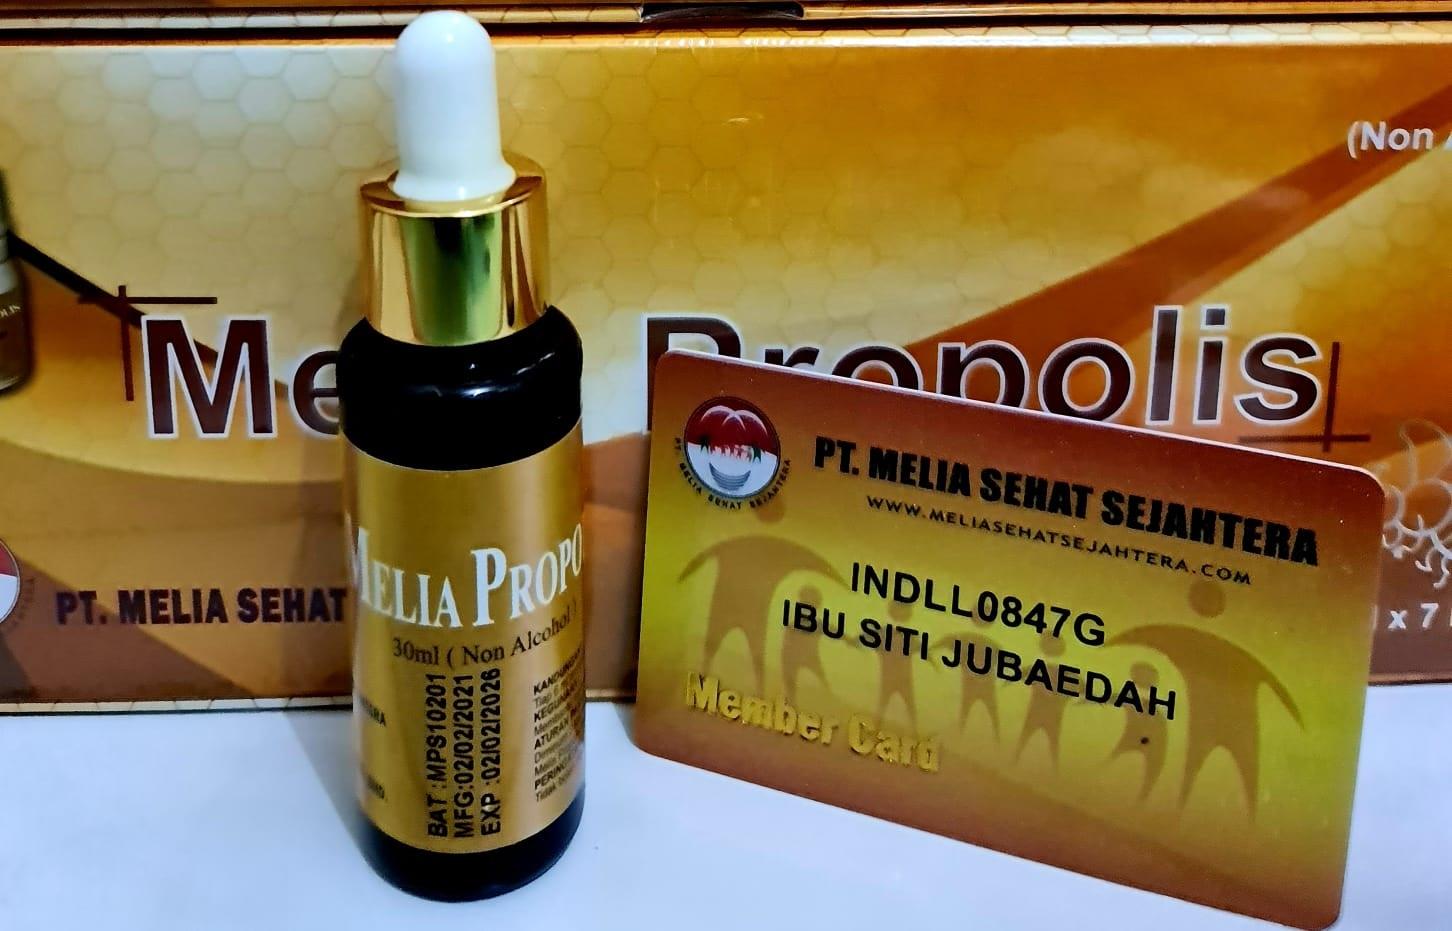 melia propolis 30ml